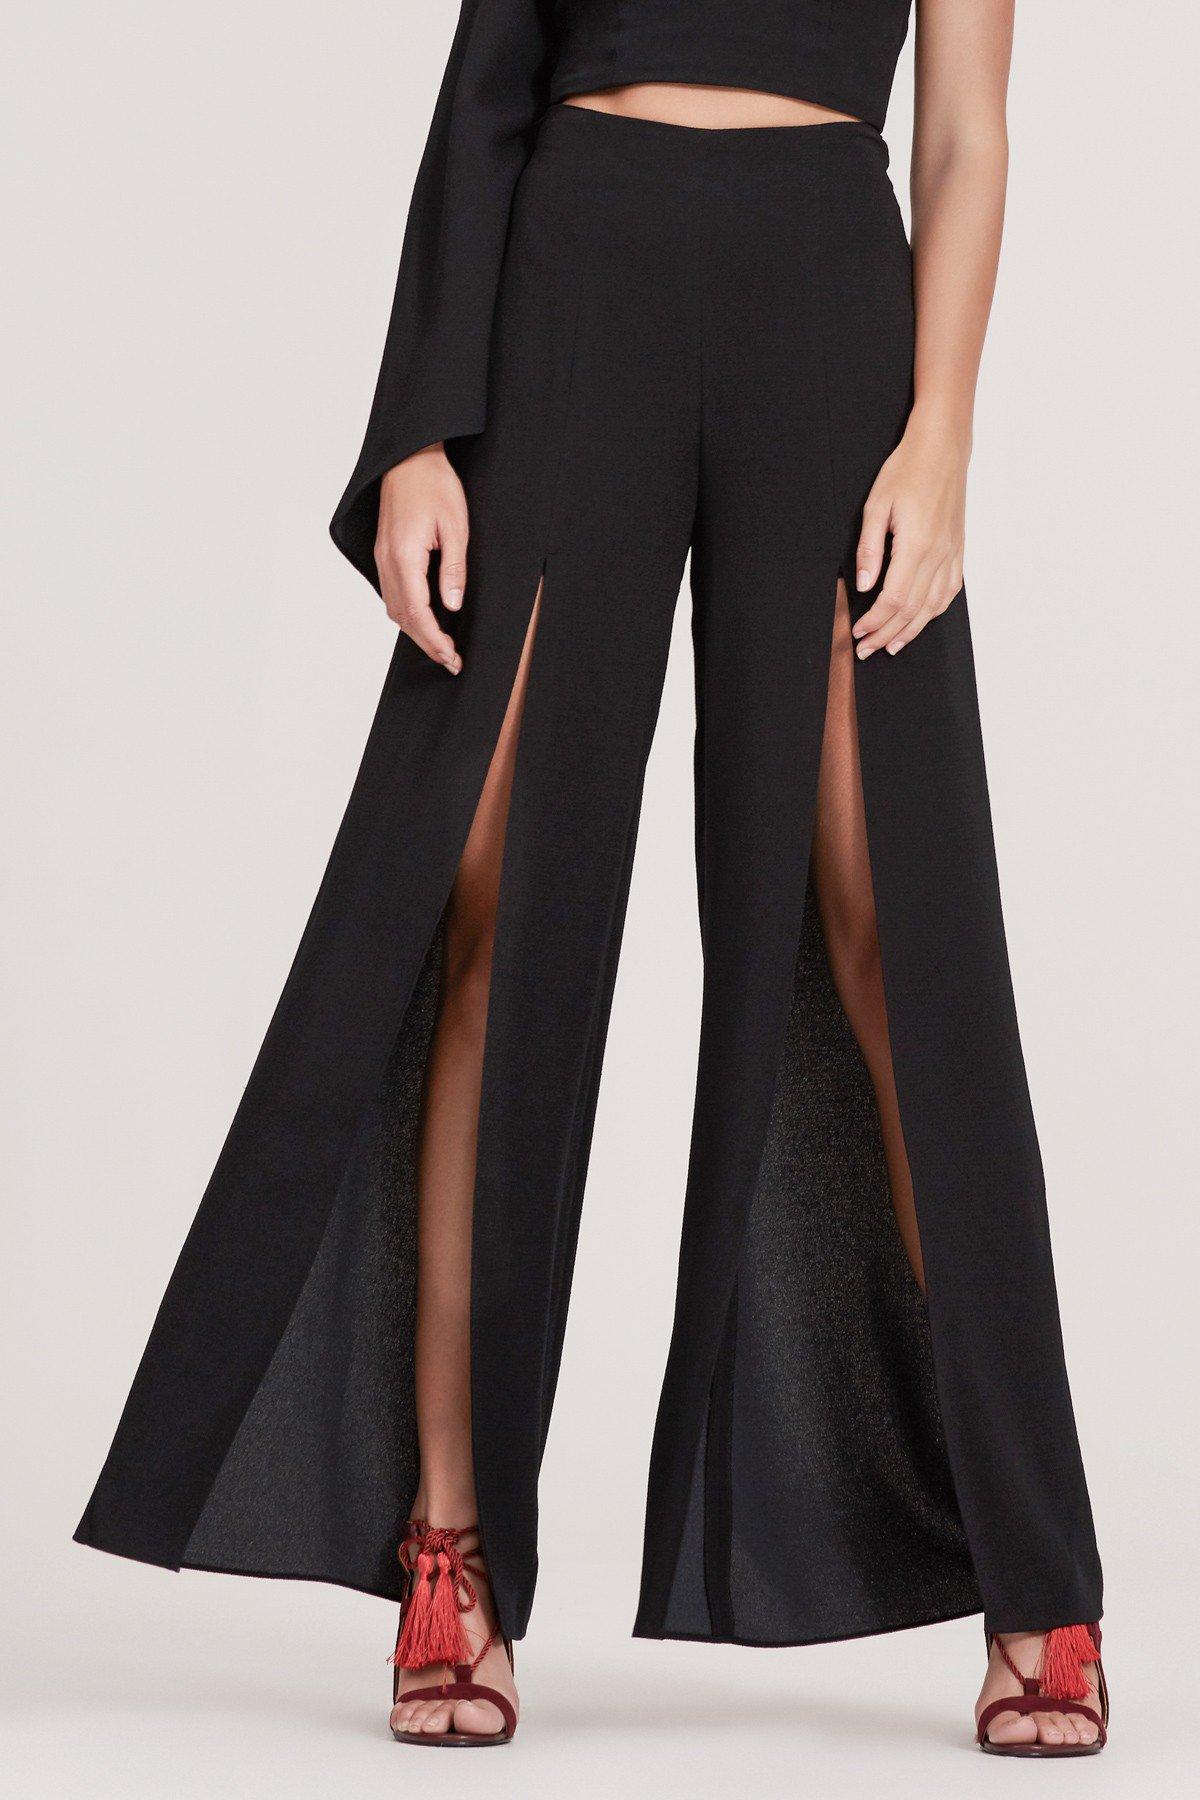 Shop Finders Haunted Split Pant.